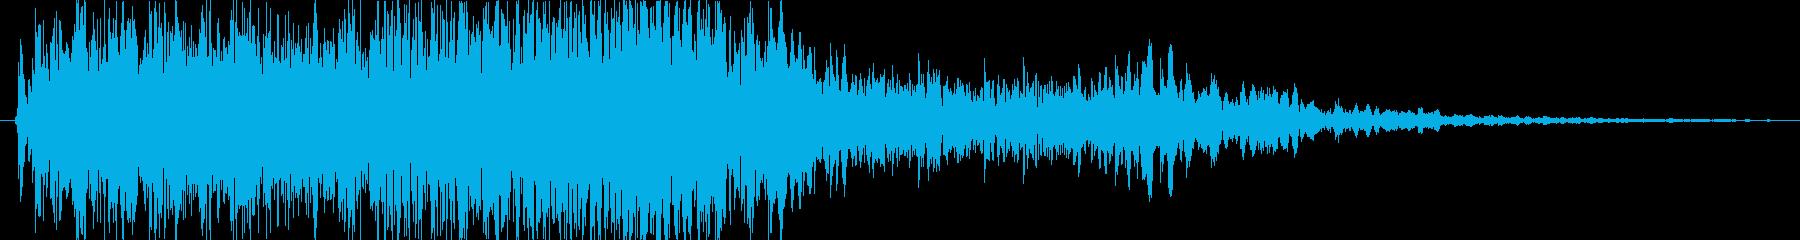 キューオーオーの再生済みの波形